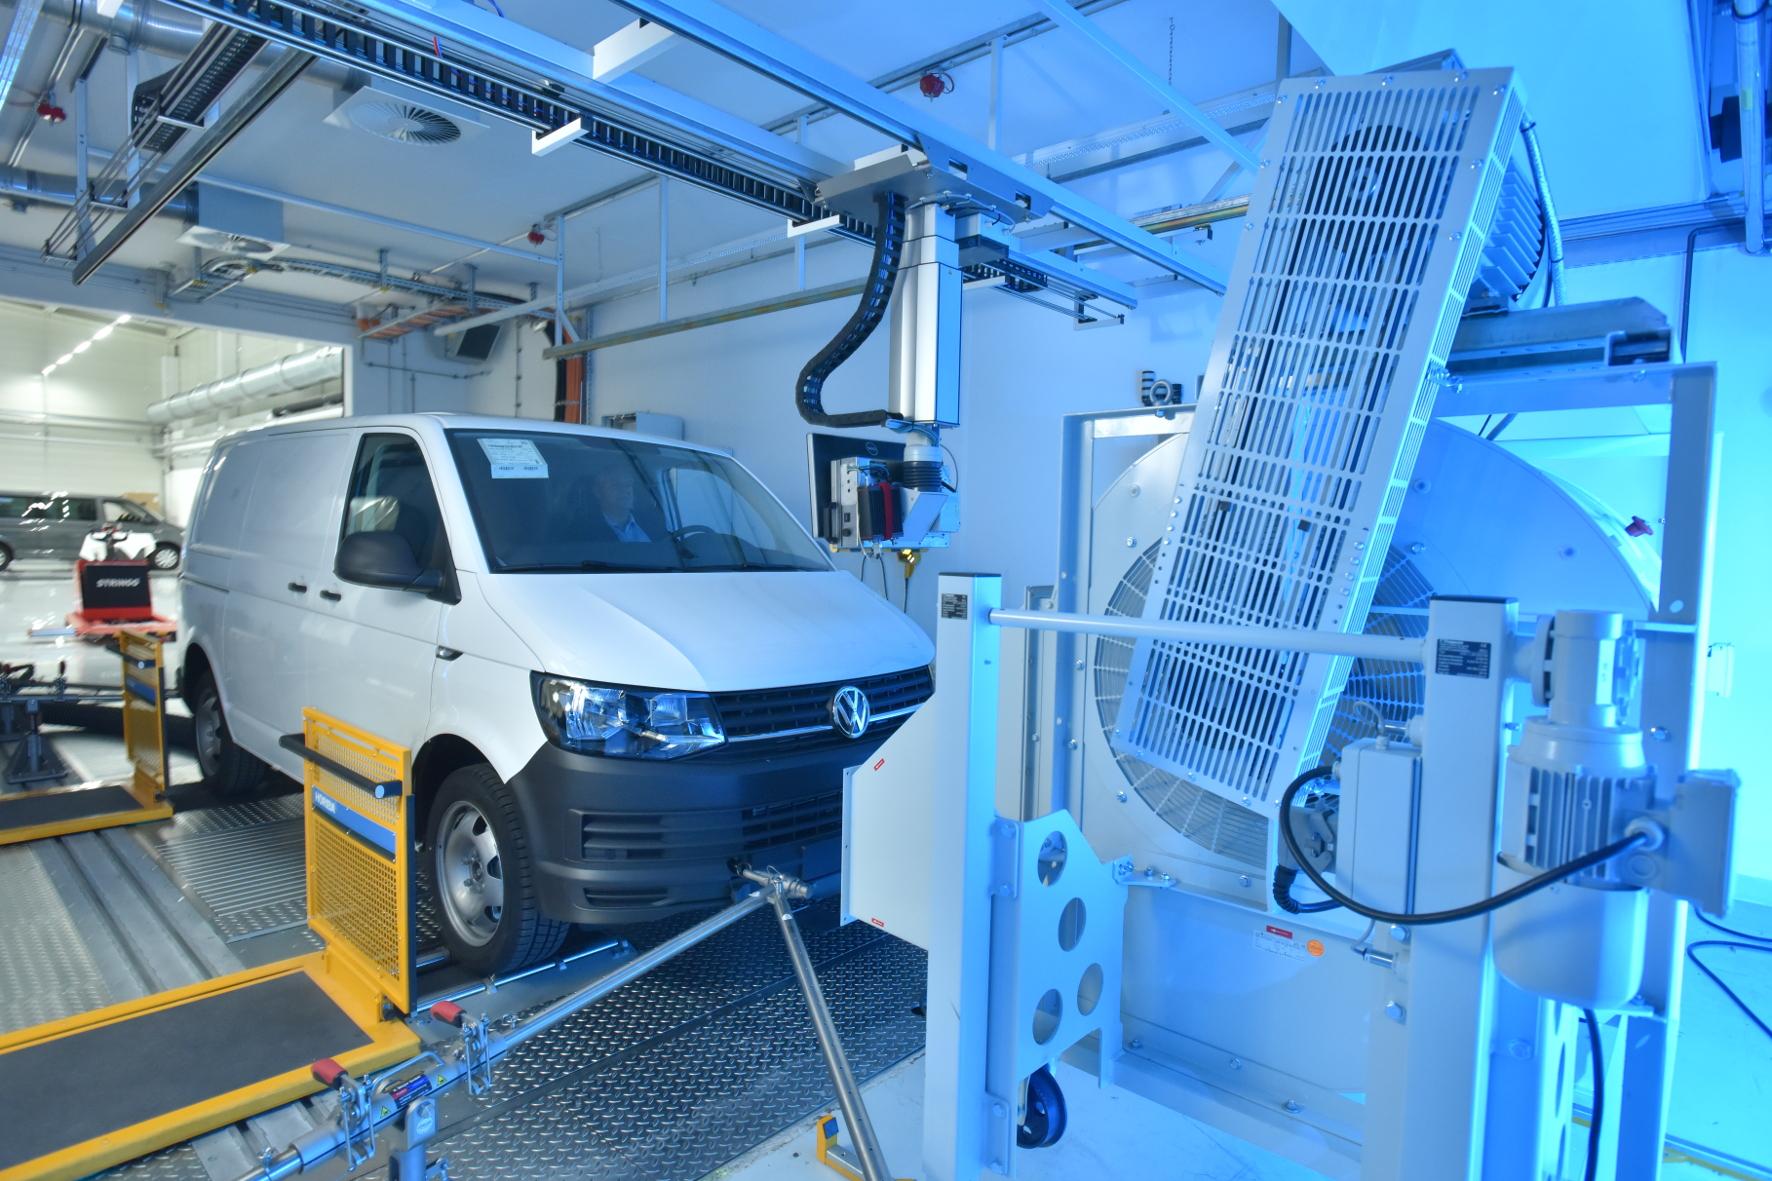 mid Groß-Gerau - Es geht um die Luft: Volkswagen Nutzfahrzeuge hat sechs Millionen Euro in ein neues Abgasprüfzentrum investiert. Volkswagen